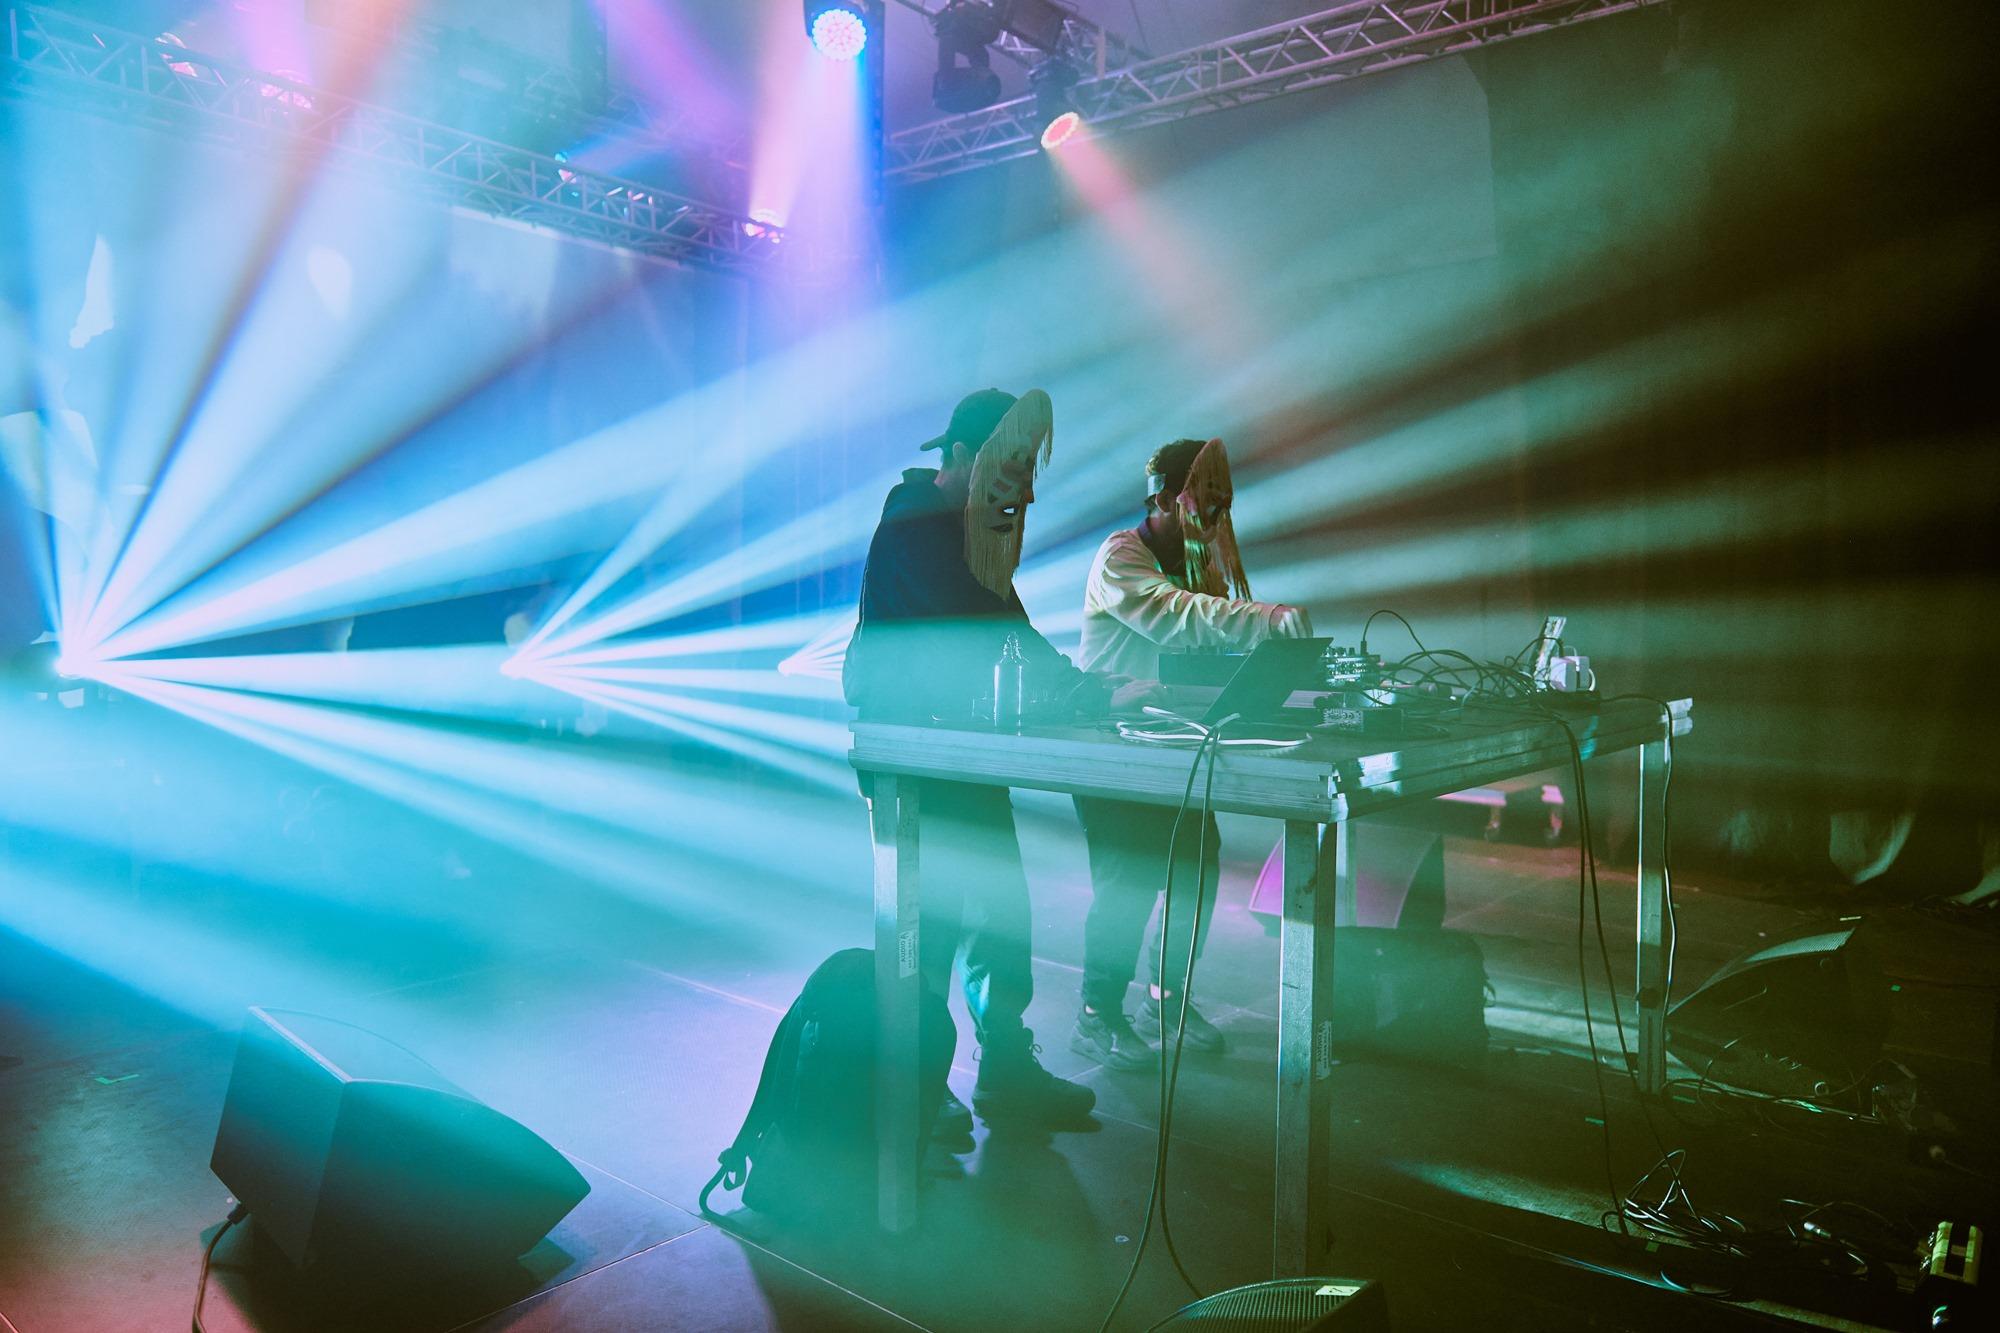 [Zdjęcie z koncertu Dengue Dengue Dengue przedstawia dwóch mężczyzn w maskach. Mężczyźni tworzą dźwięki za pomocą miksera. Oświetleni są zielonym i różowym światłem.]